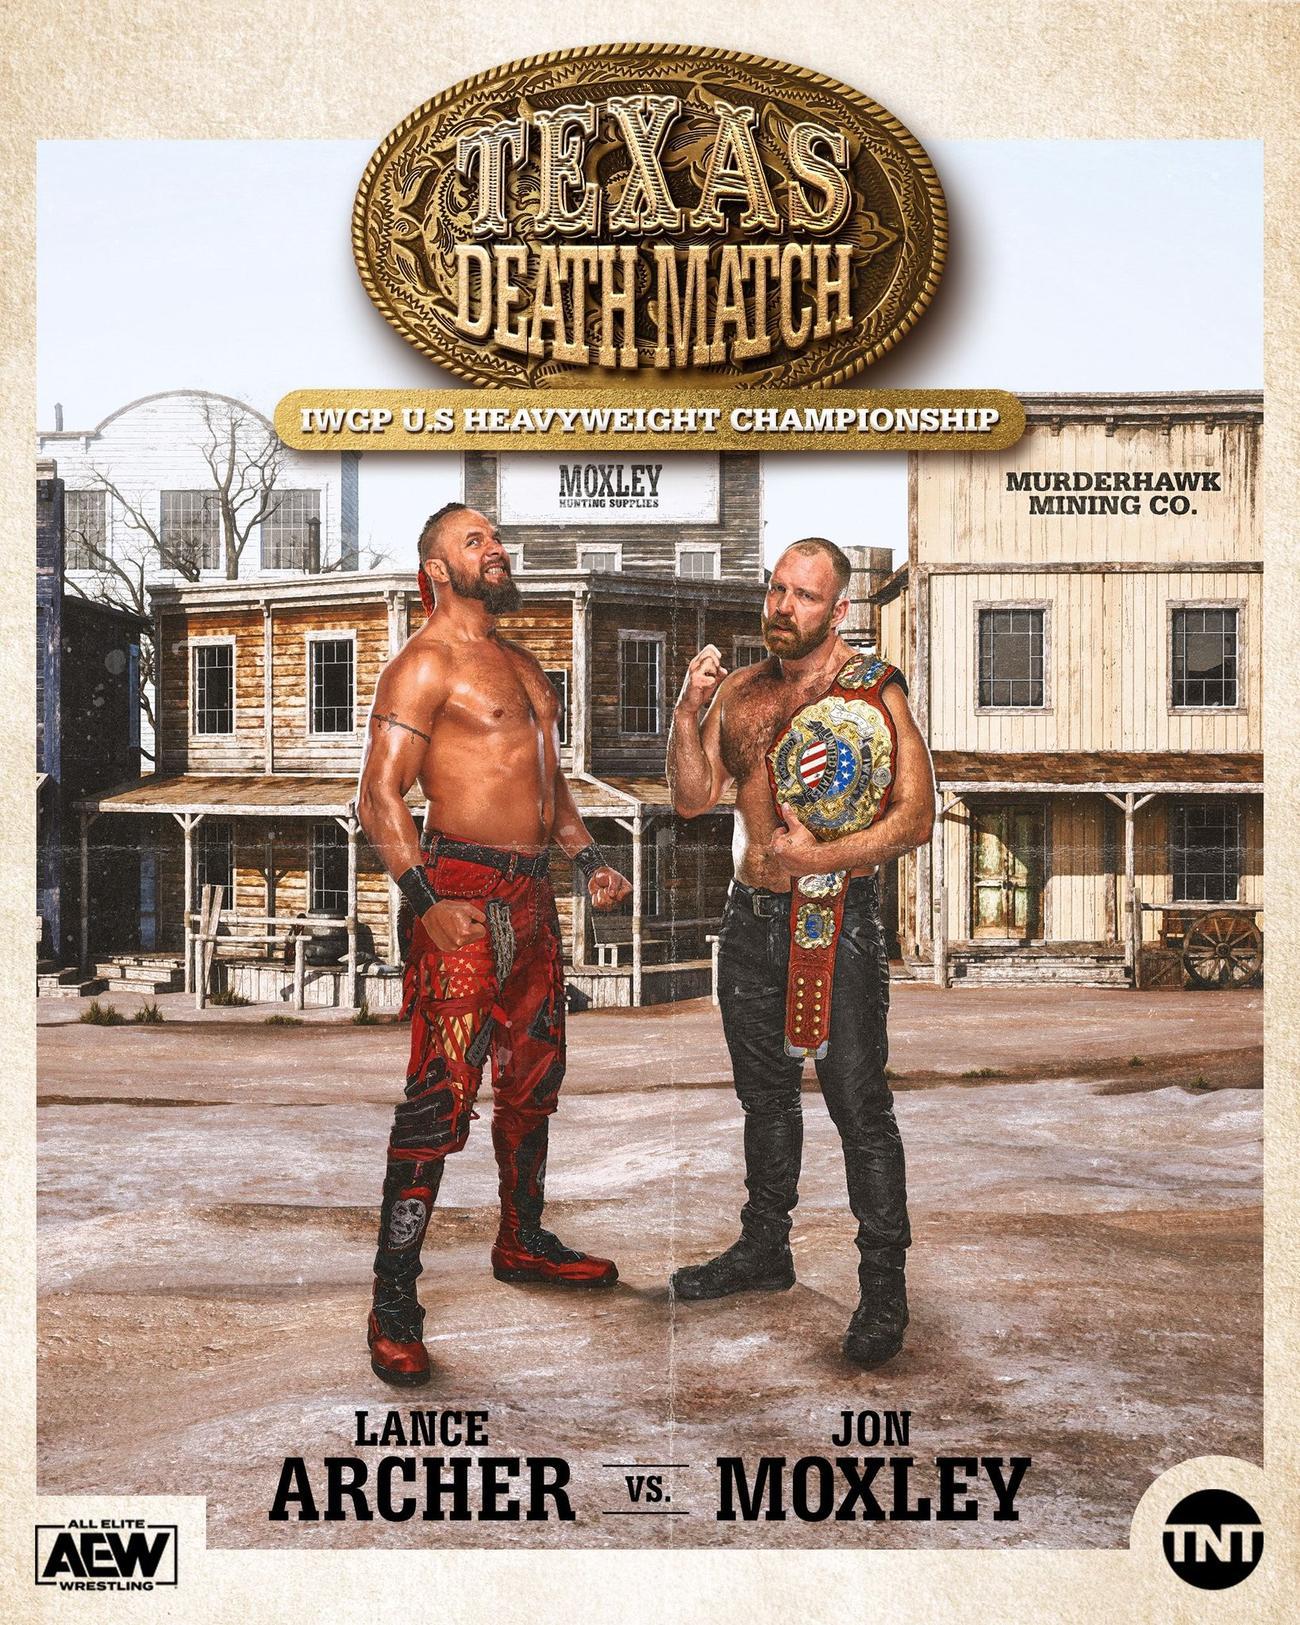 テキサス・デスマッチ形式でIWGP・USヘビー級王座戦に臨んだ王者モクスリー(右)と挑戦者アーチャー(AEWの公式SNSより)